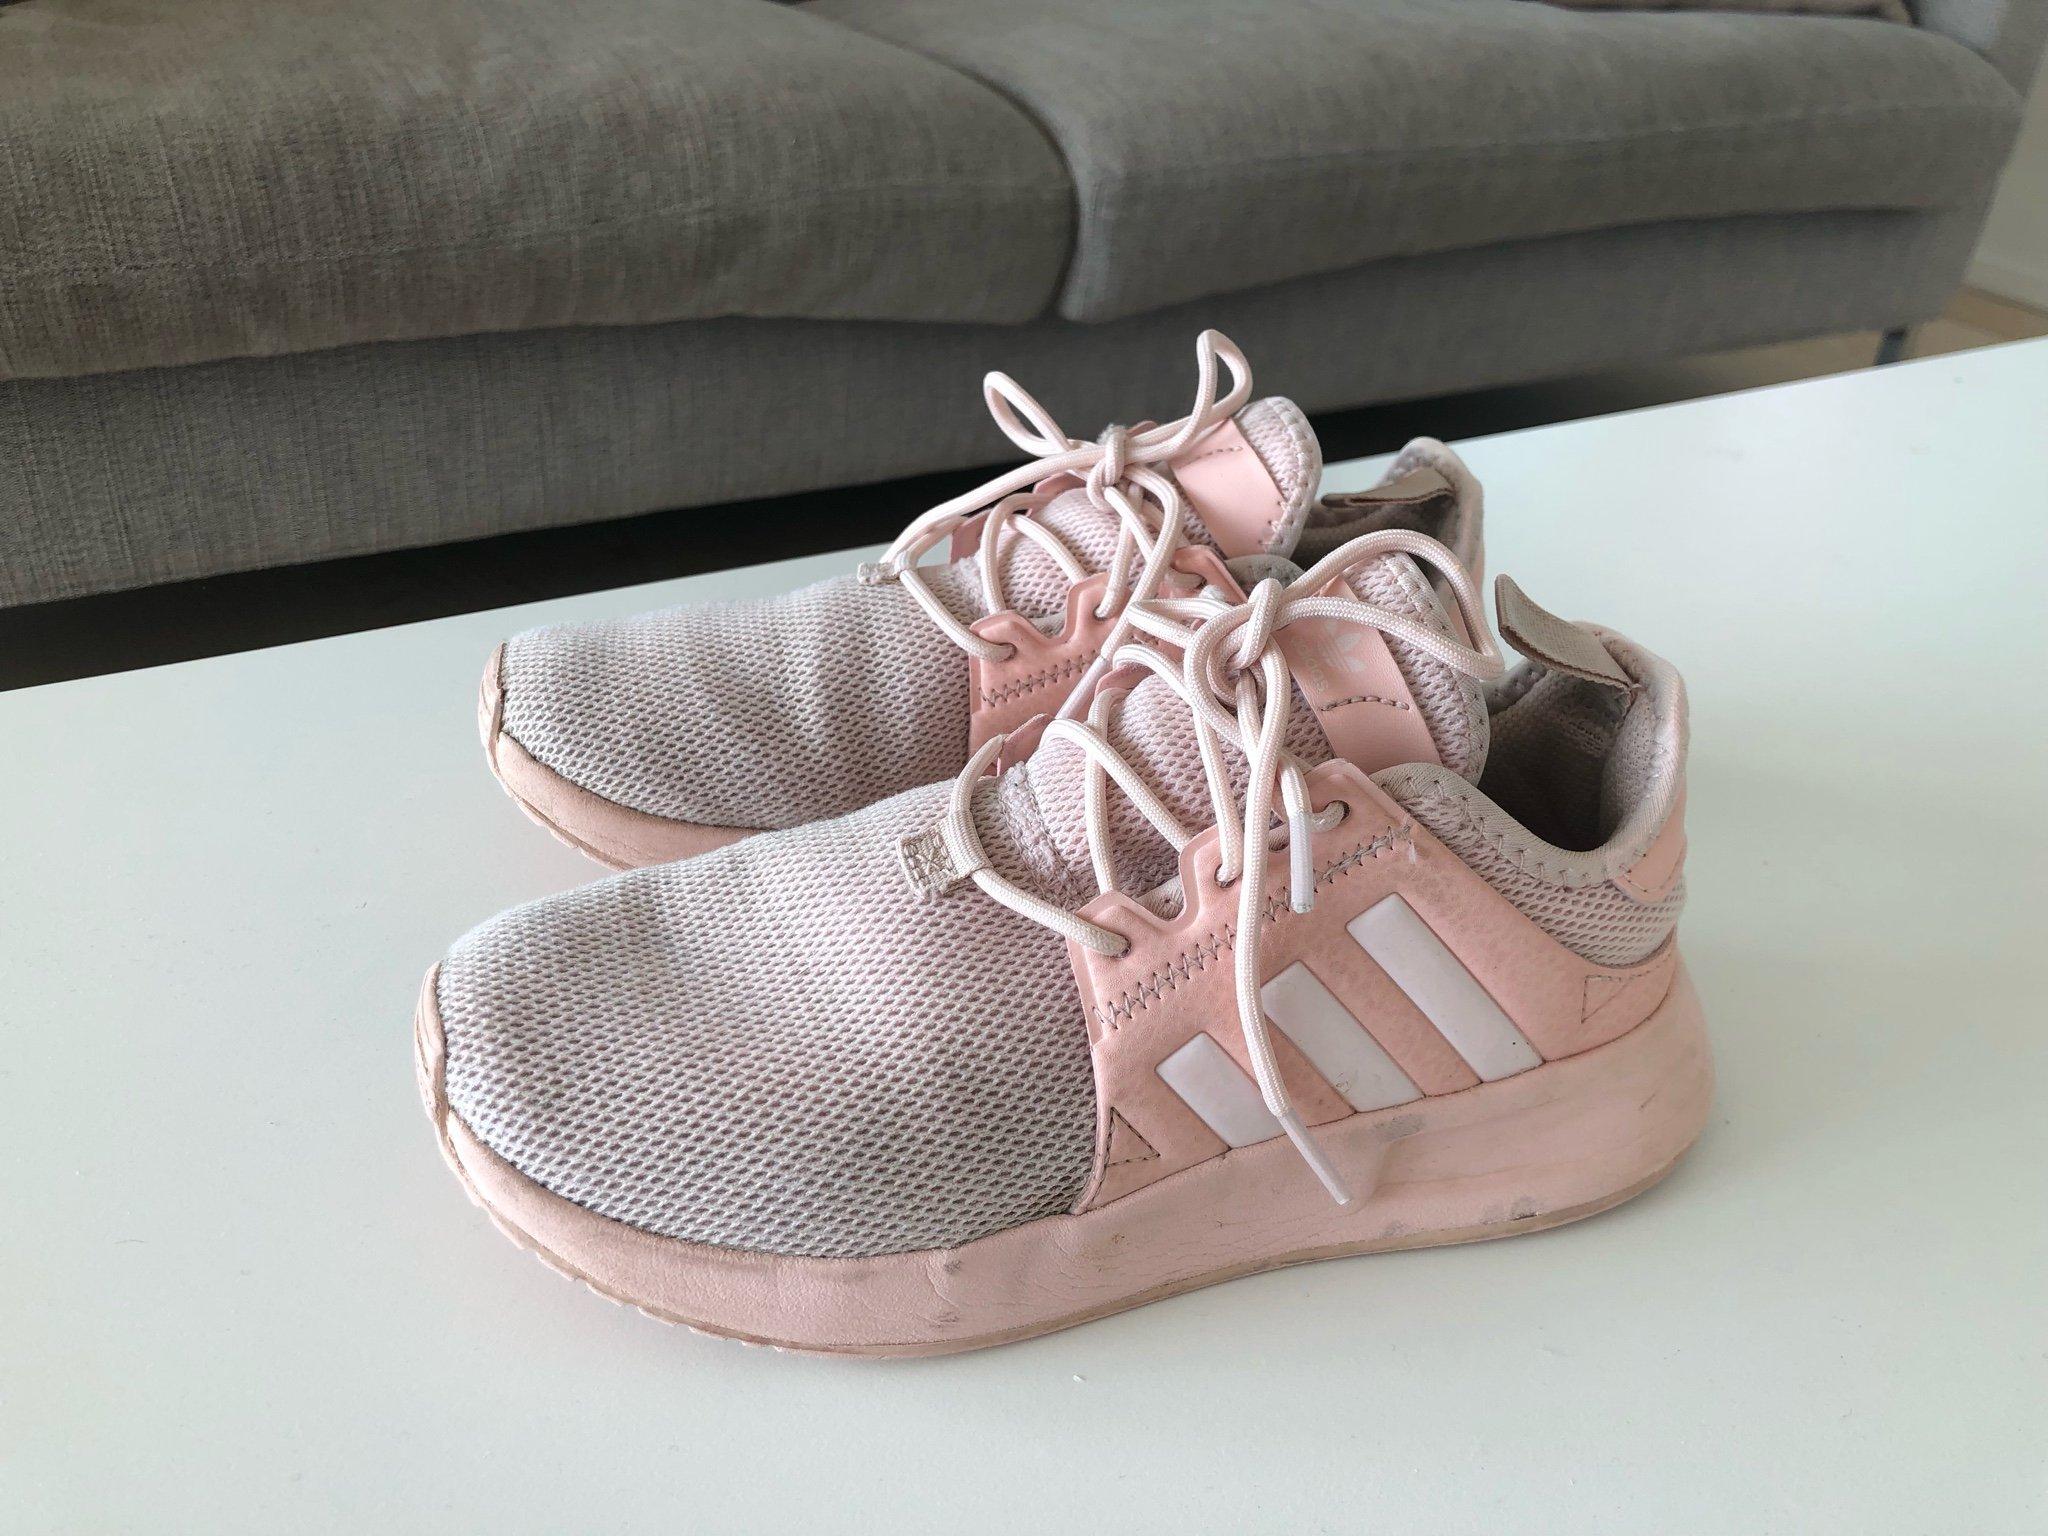 d284d9e7cd0 Så snygga ADIDAS sneakers rosa, 32 (346370875) ᐈ Köp på Tradera